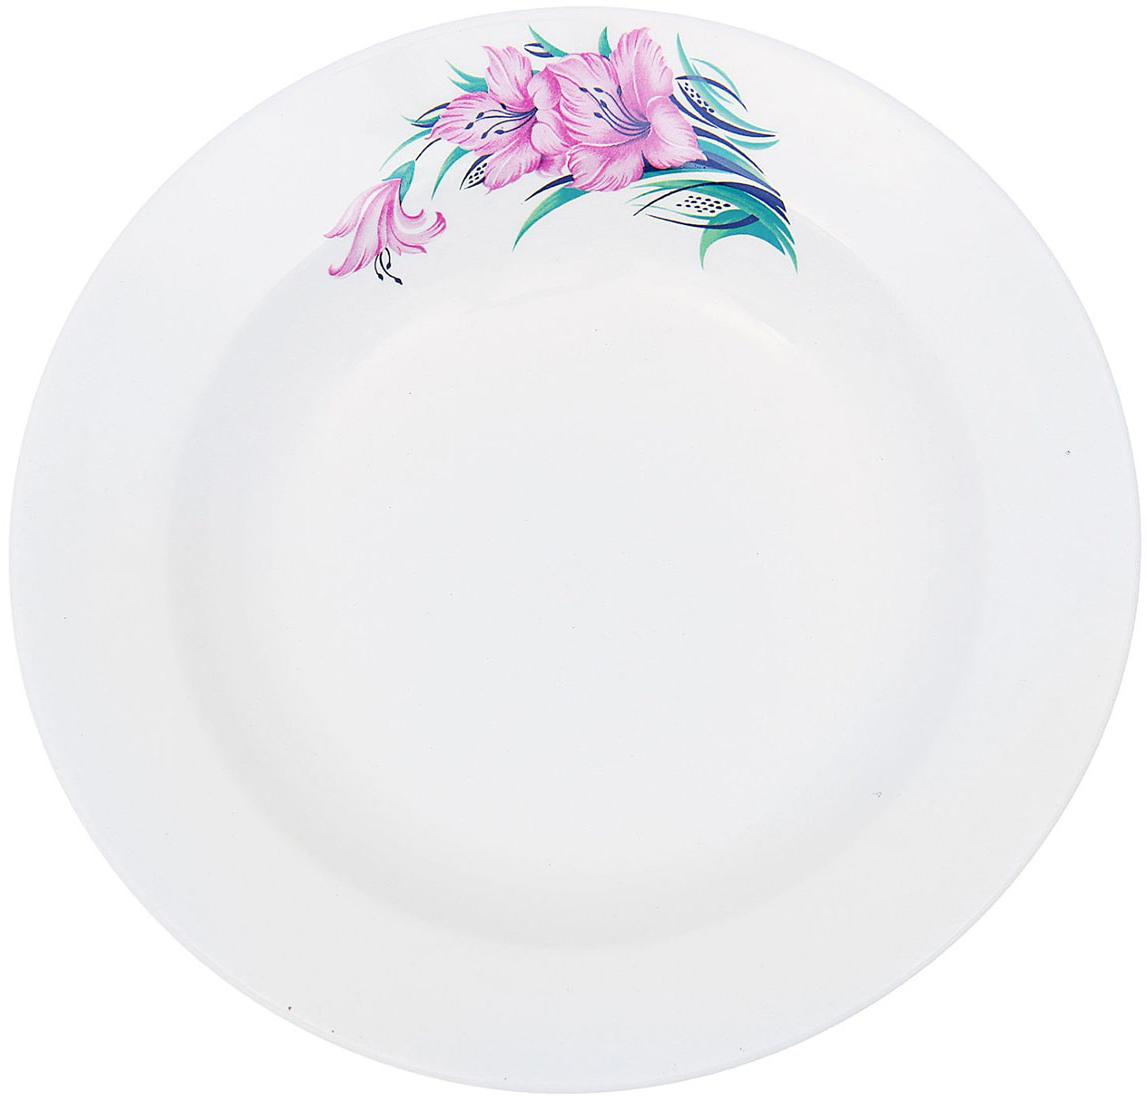 Тарелка глубокая Керамика ручной работы Градиолус, диаметр 20 см1821319Данная тарелка понравится любителям вкусной и полезной домашней пищи. Такая посуда практична и красива, в ней можно хранить и подавать разнообразные блюда. При многократном использовании изделие сохранит свой вид и выдержит мытье в посудомоечной машине.В керамической емкости горячая пища долго сохраняет свое тепло, остуженные блюда остаются прохладными.Изделие не выделяет вредных веществ при нагревании и длительном хранении за счет экологичности материала.